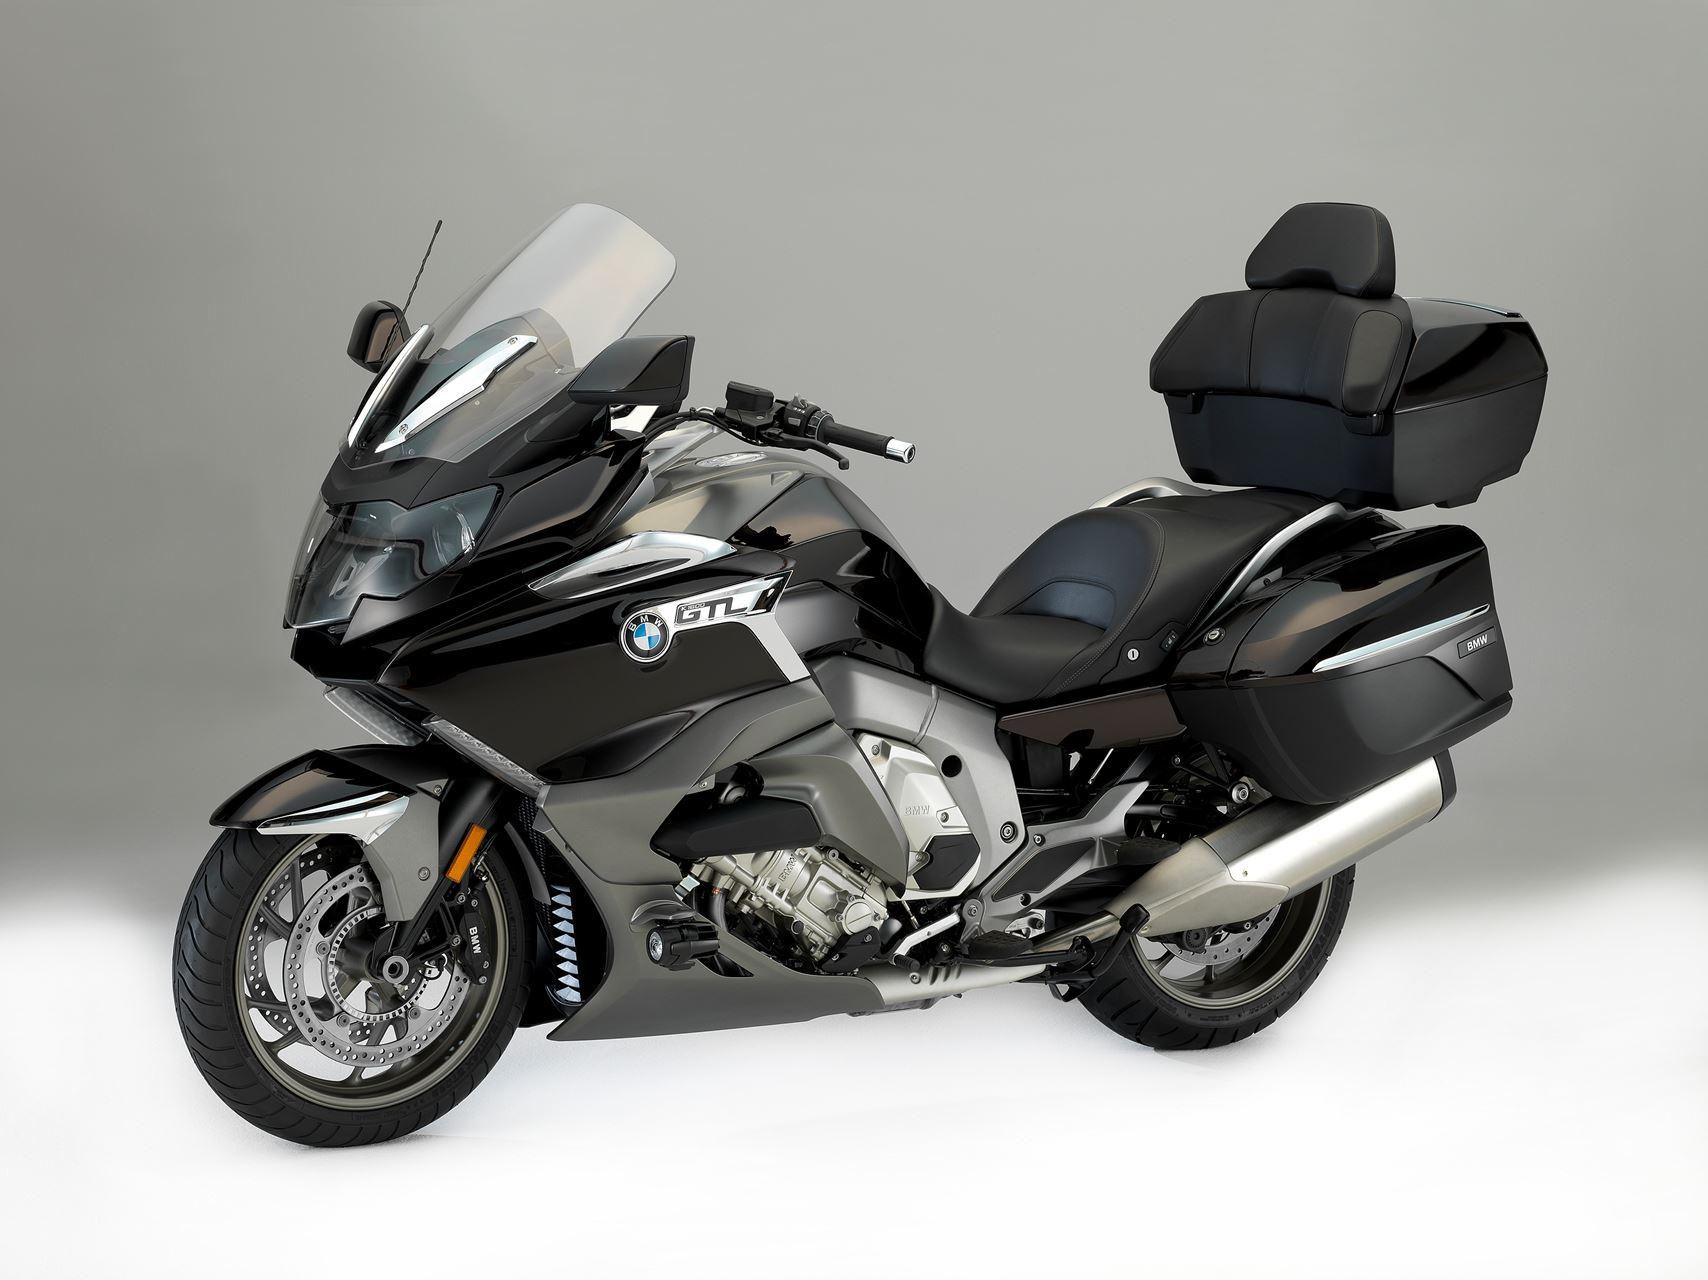 bmw k 1600 gtl moto tour andar de moto. Black Bedroom Furniture Sets. Home Design Ideas